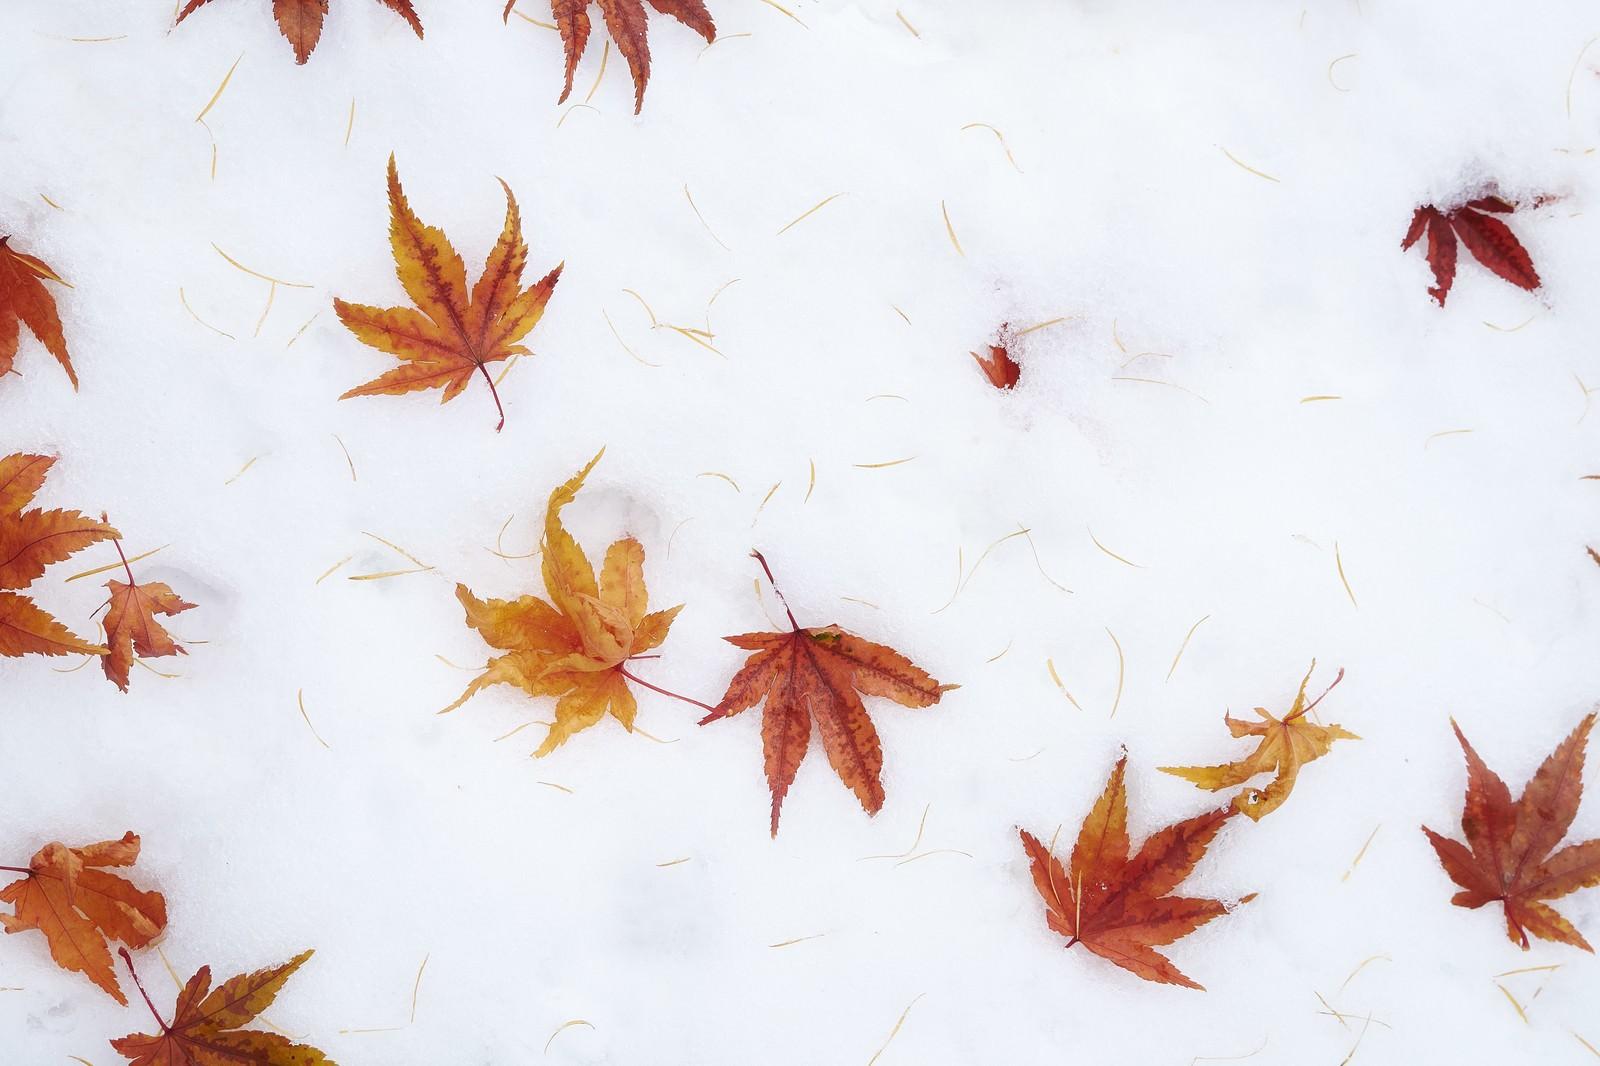 「雪の上に散らばるモミジ」の写真